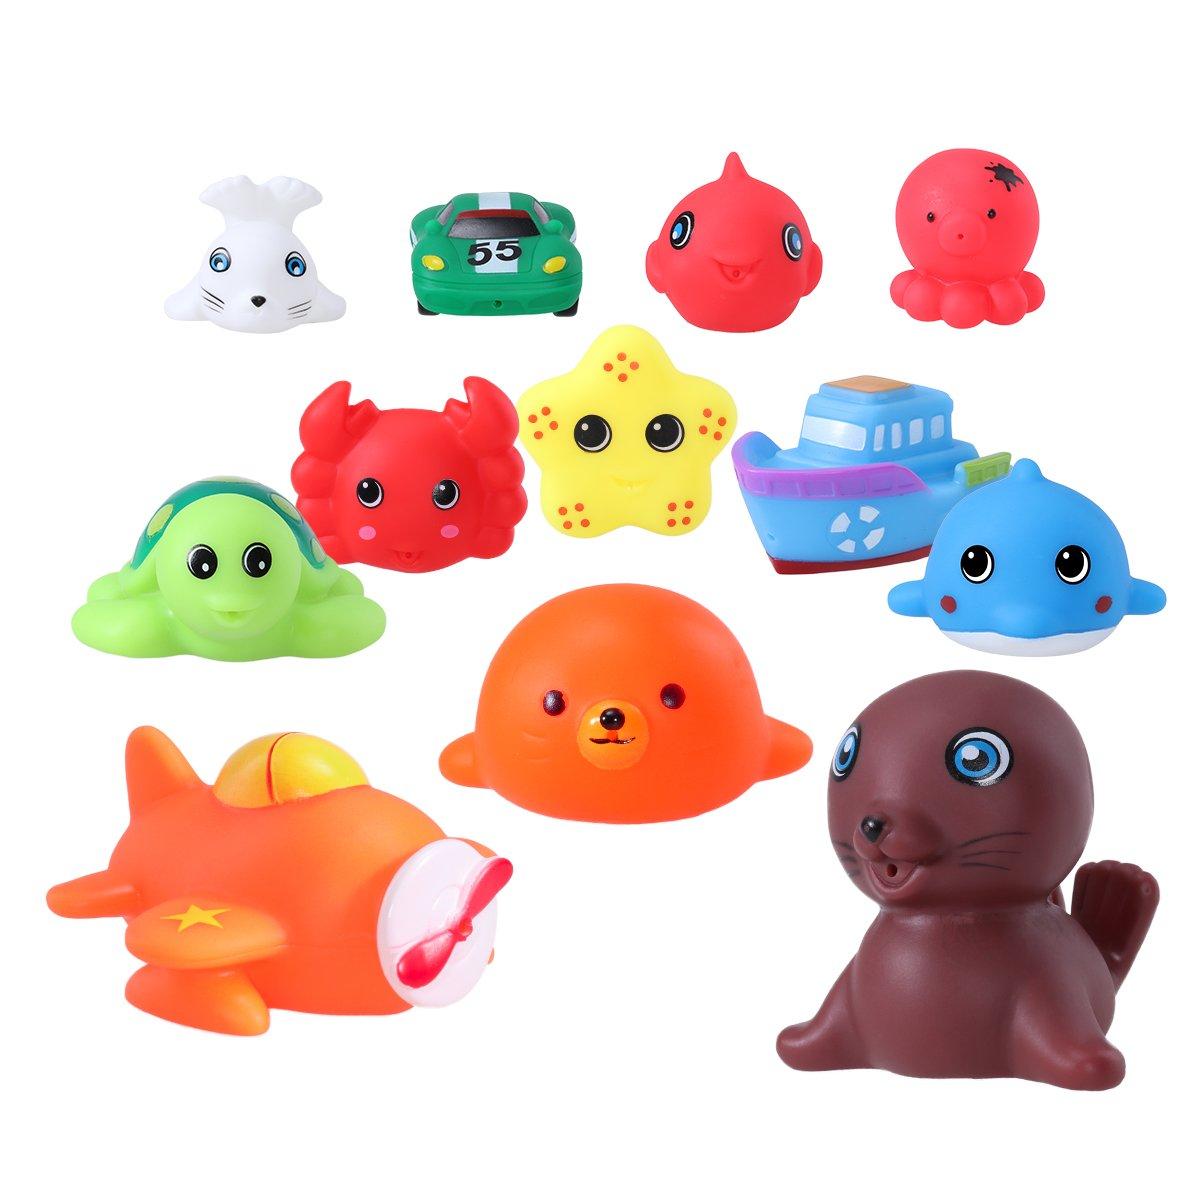 TOYMYTOY Bagno di Animali marini Giocattoli di Gomma spruzzare Vasca da Bagno Giocattoli educativi 12-Pack